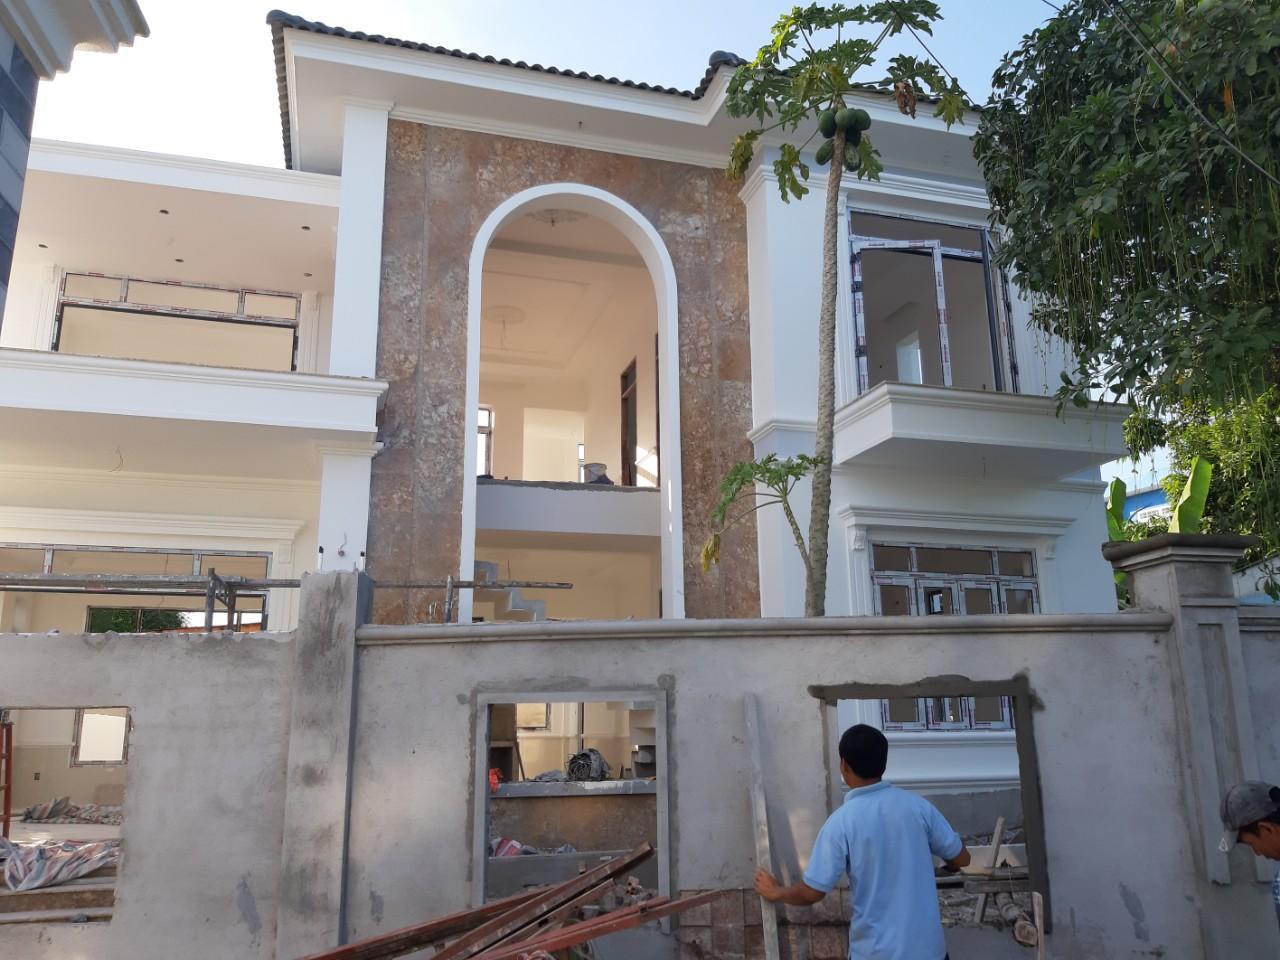 Một công trình xây dựng do Quang Phúc thực hiện tại Trà Bồng Quảng Ngãi